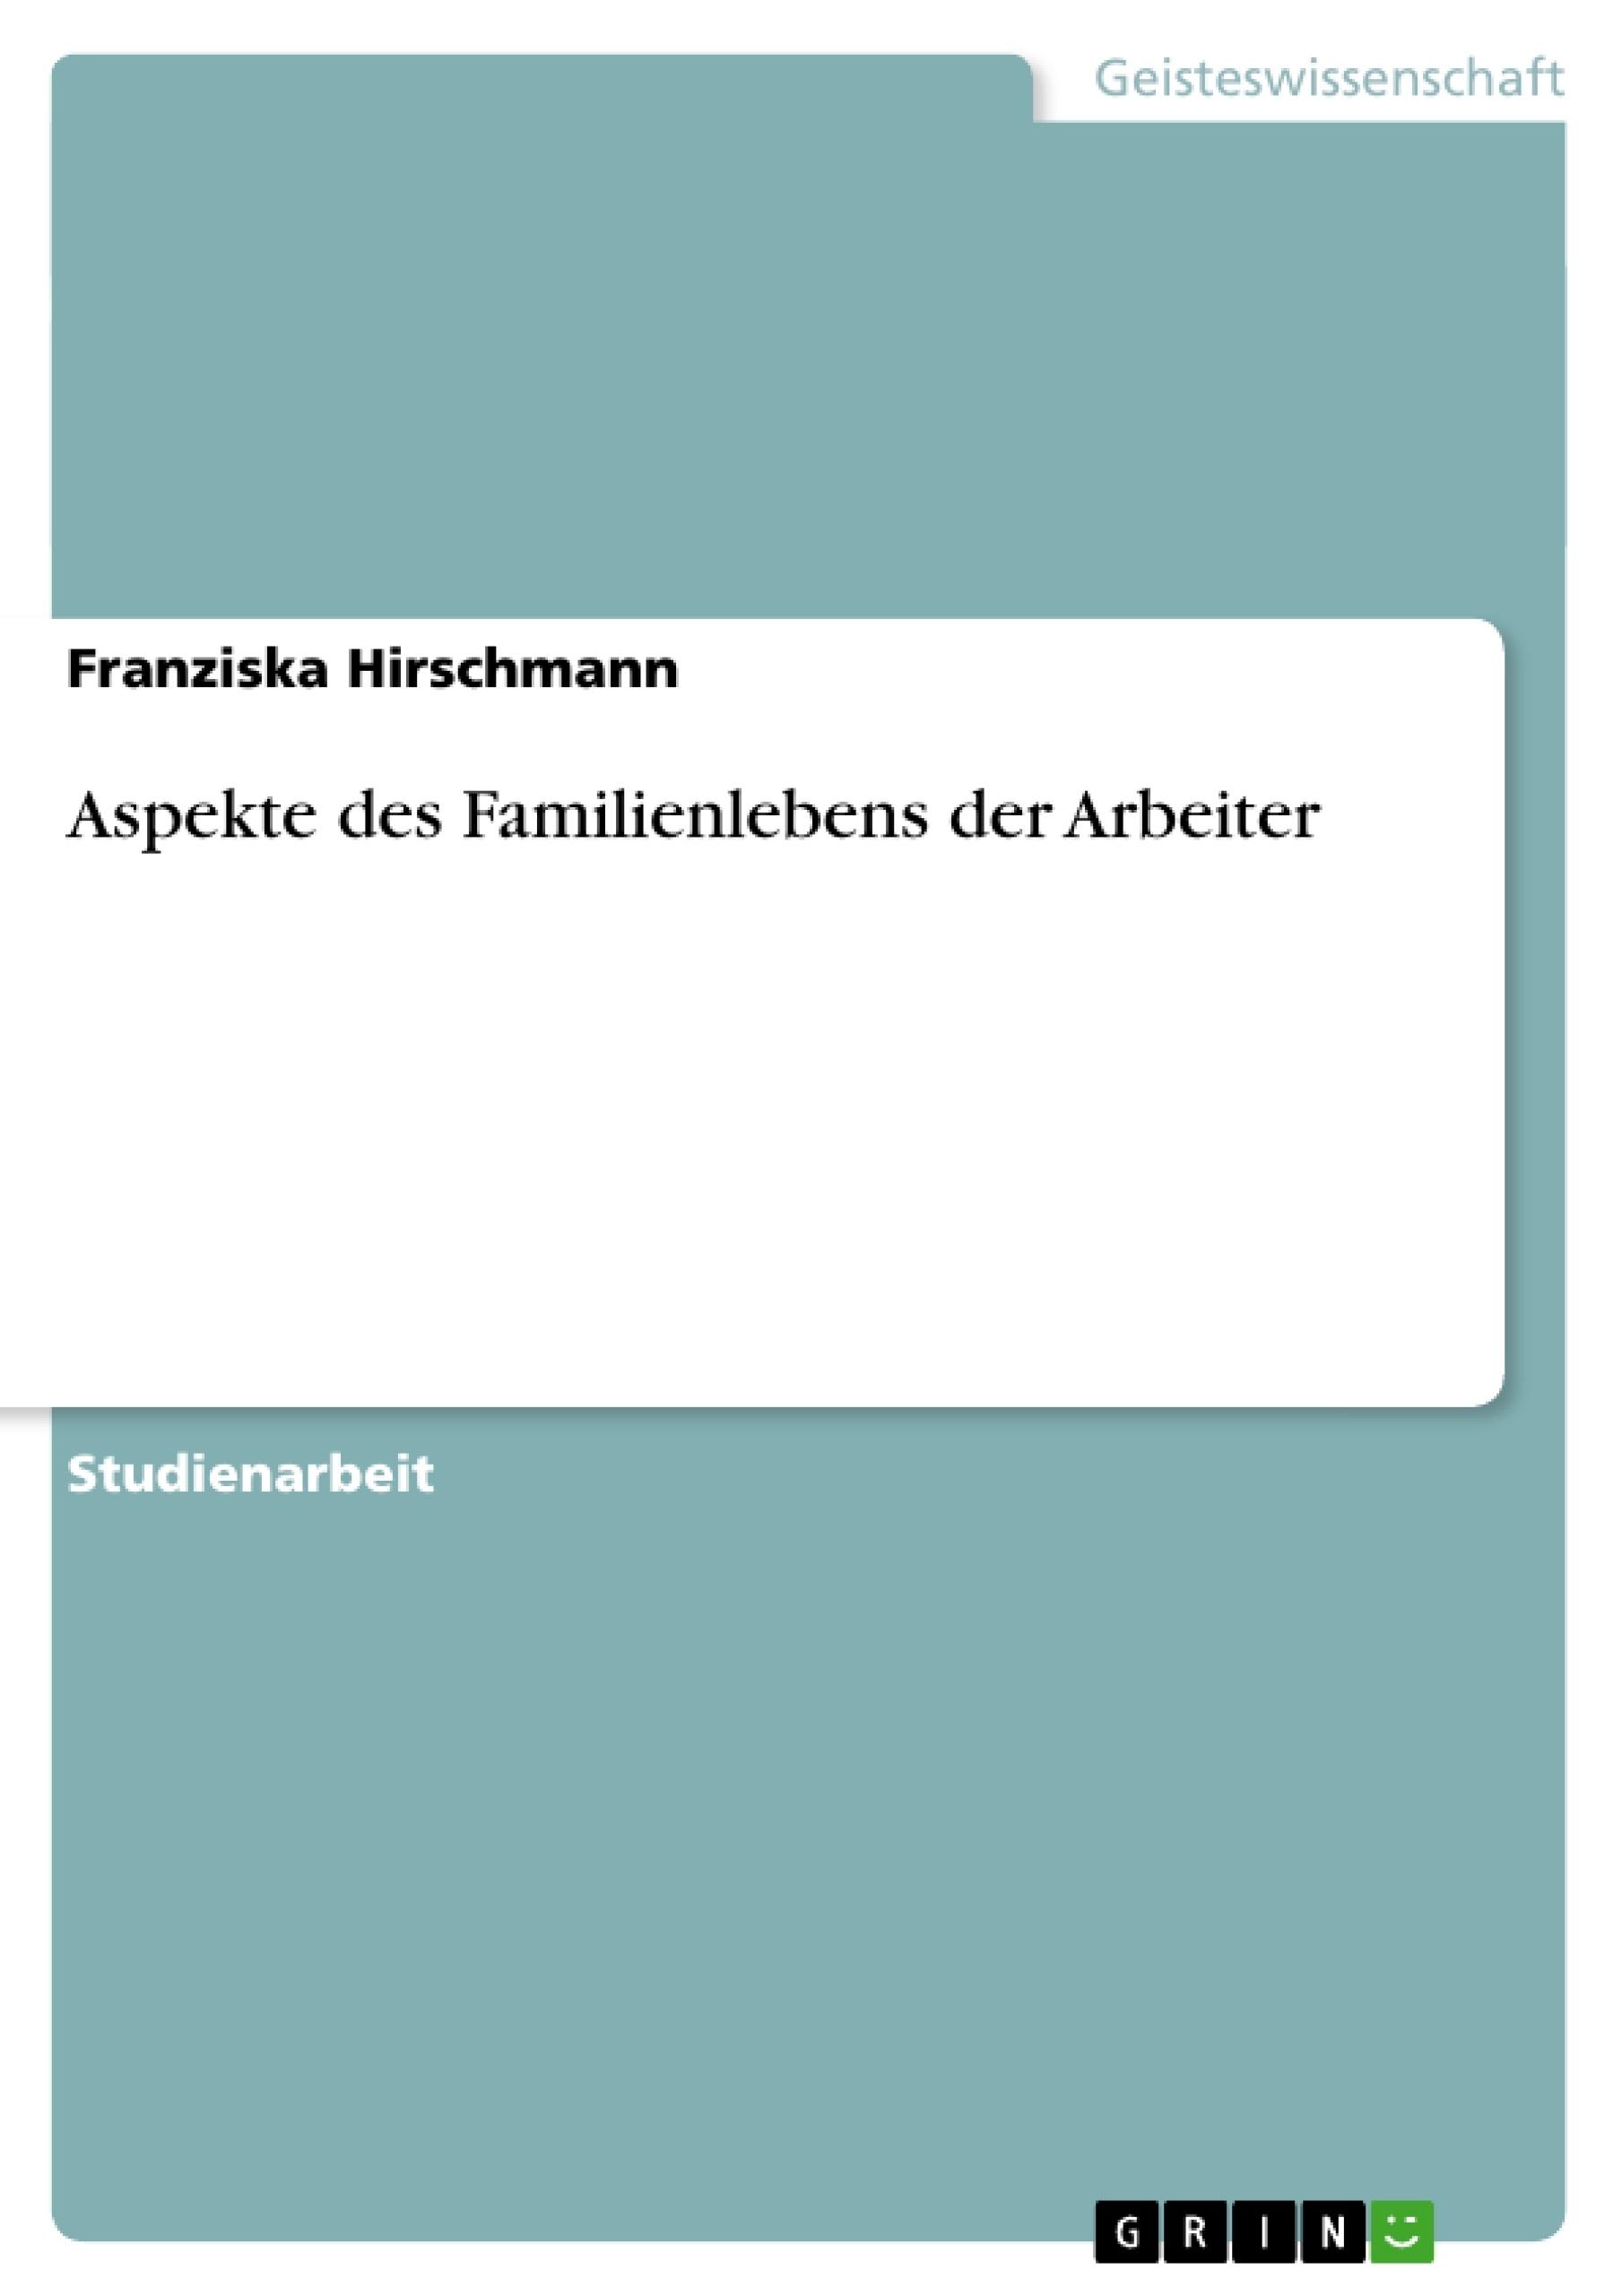 Titel: Aspekte des Familienlebens der Arbeiter